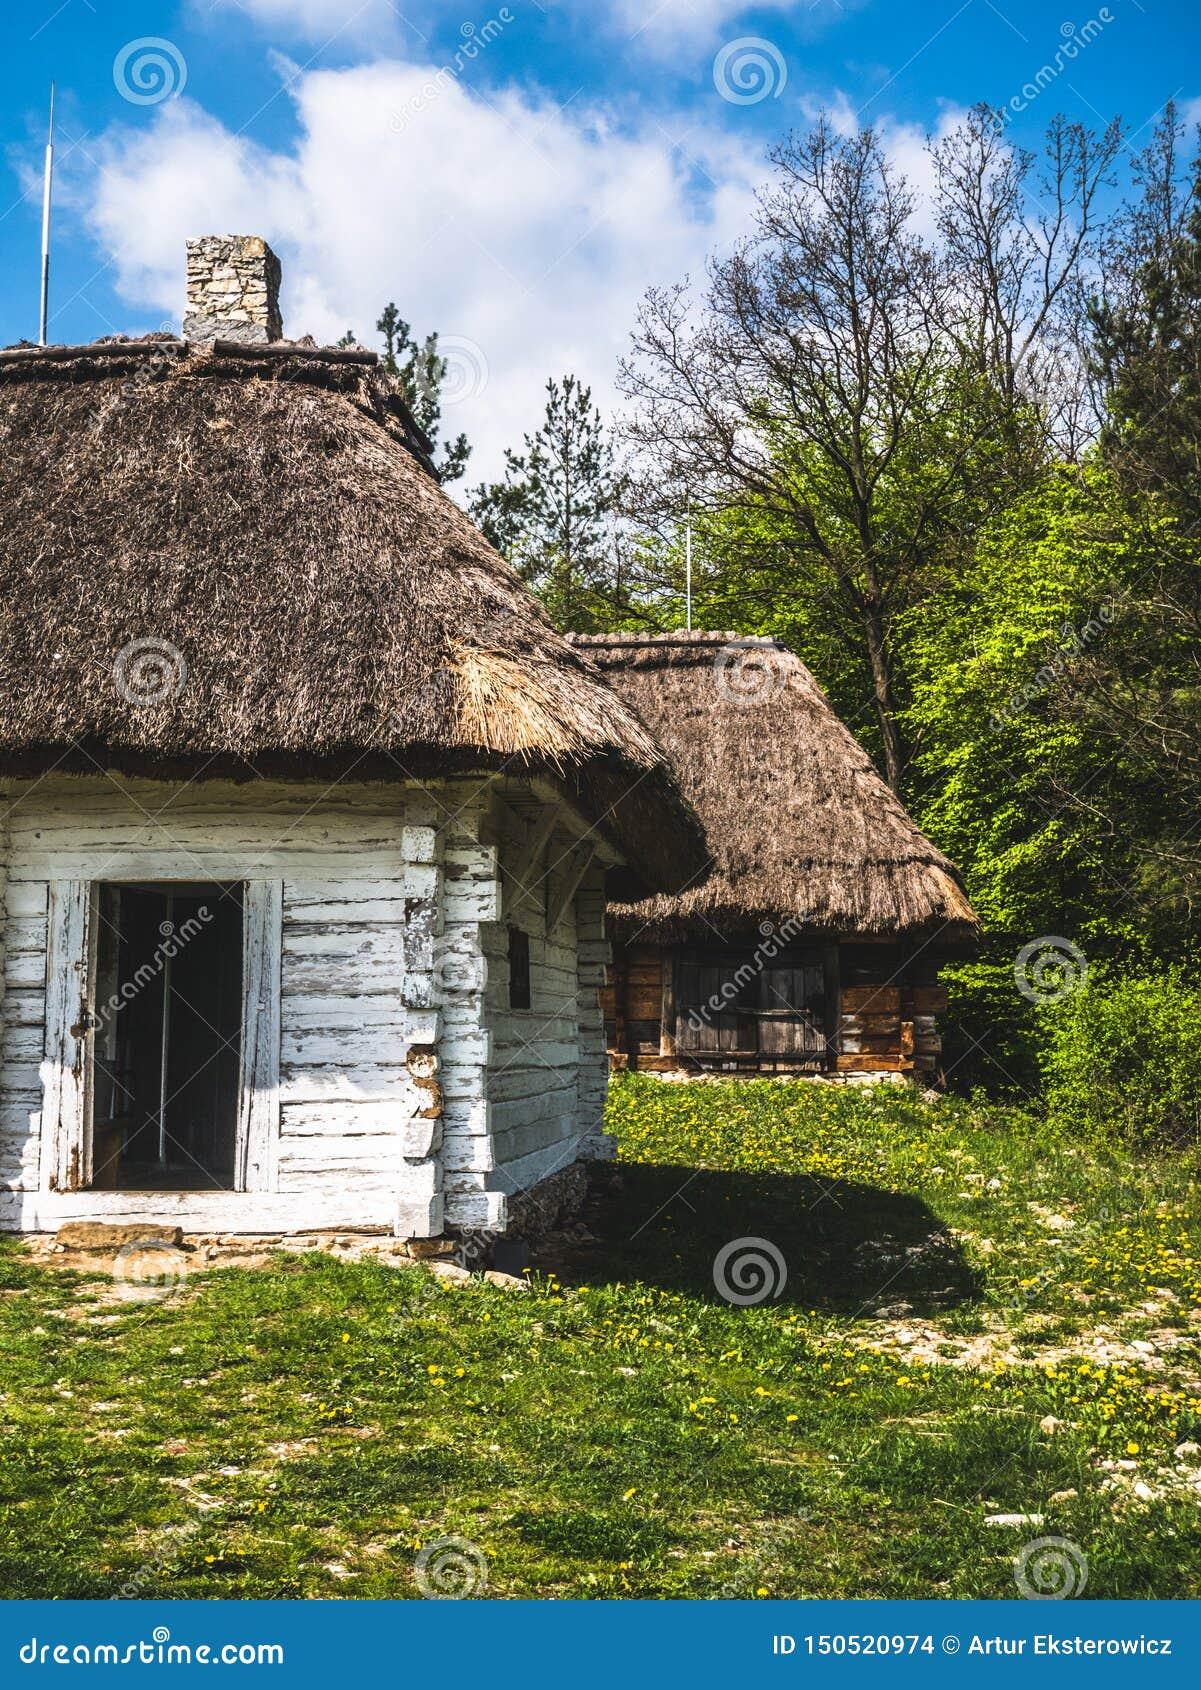 Maisons en bois abandonnées dans la campagne